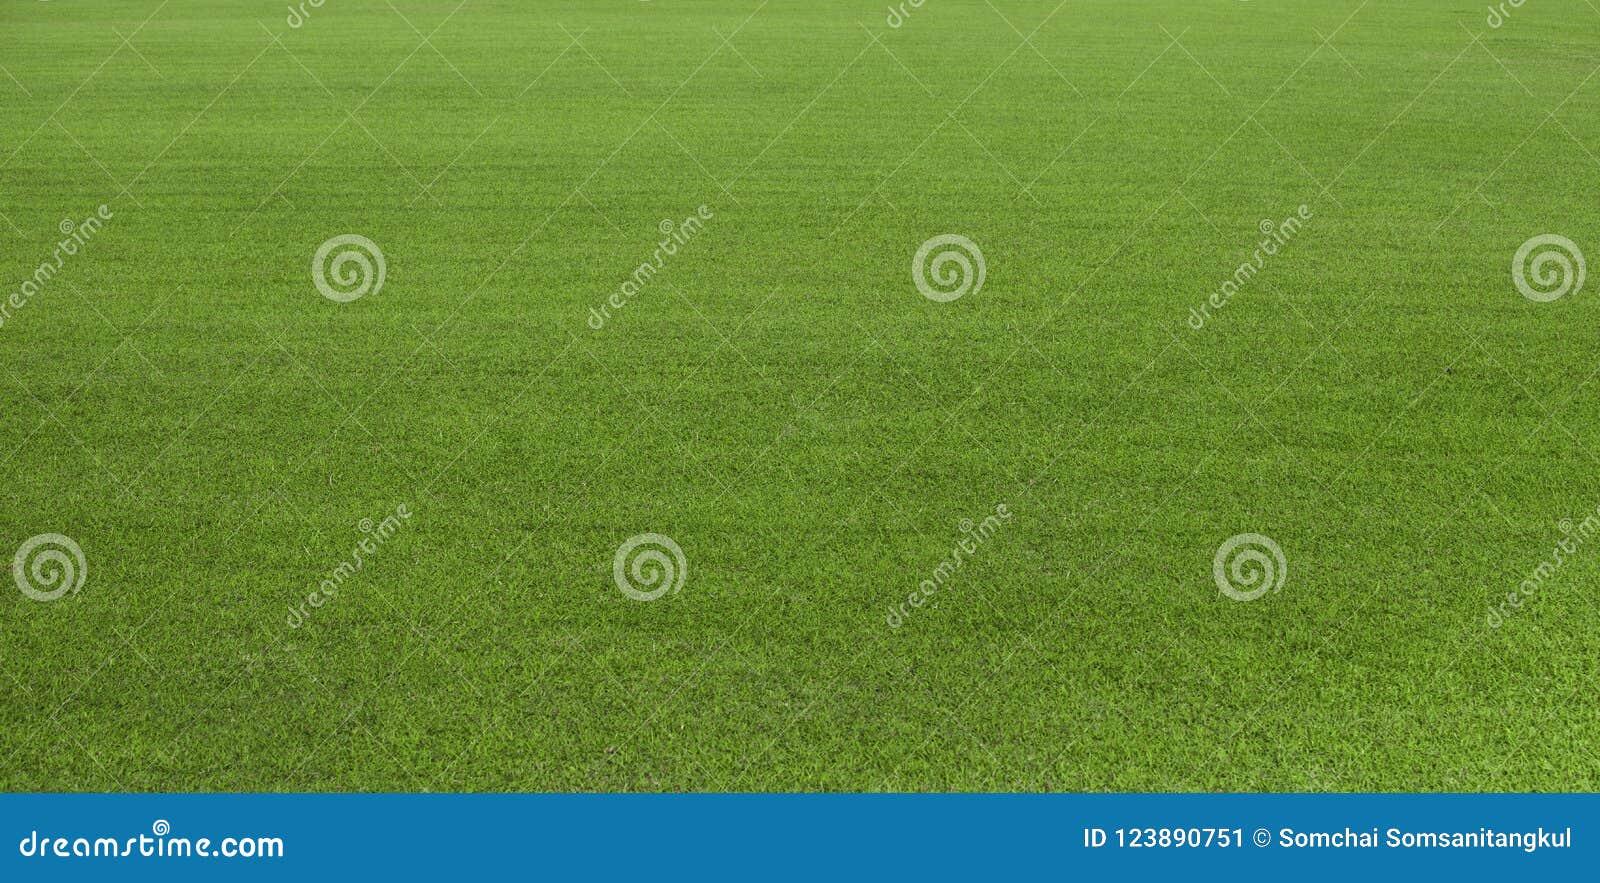 Zielonej trawy pole, zielony gazon Zielona trawa dla pola golfowego, piłka nożna, futbol, sport Zielona murawy trawy tekstura i t